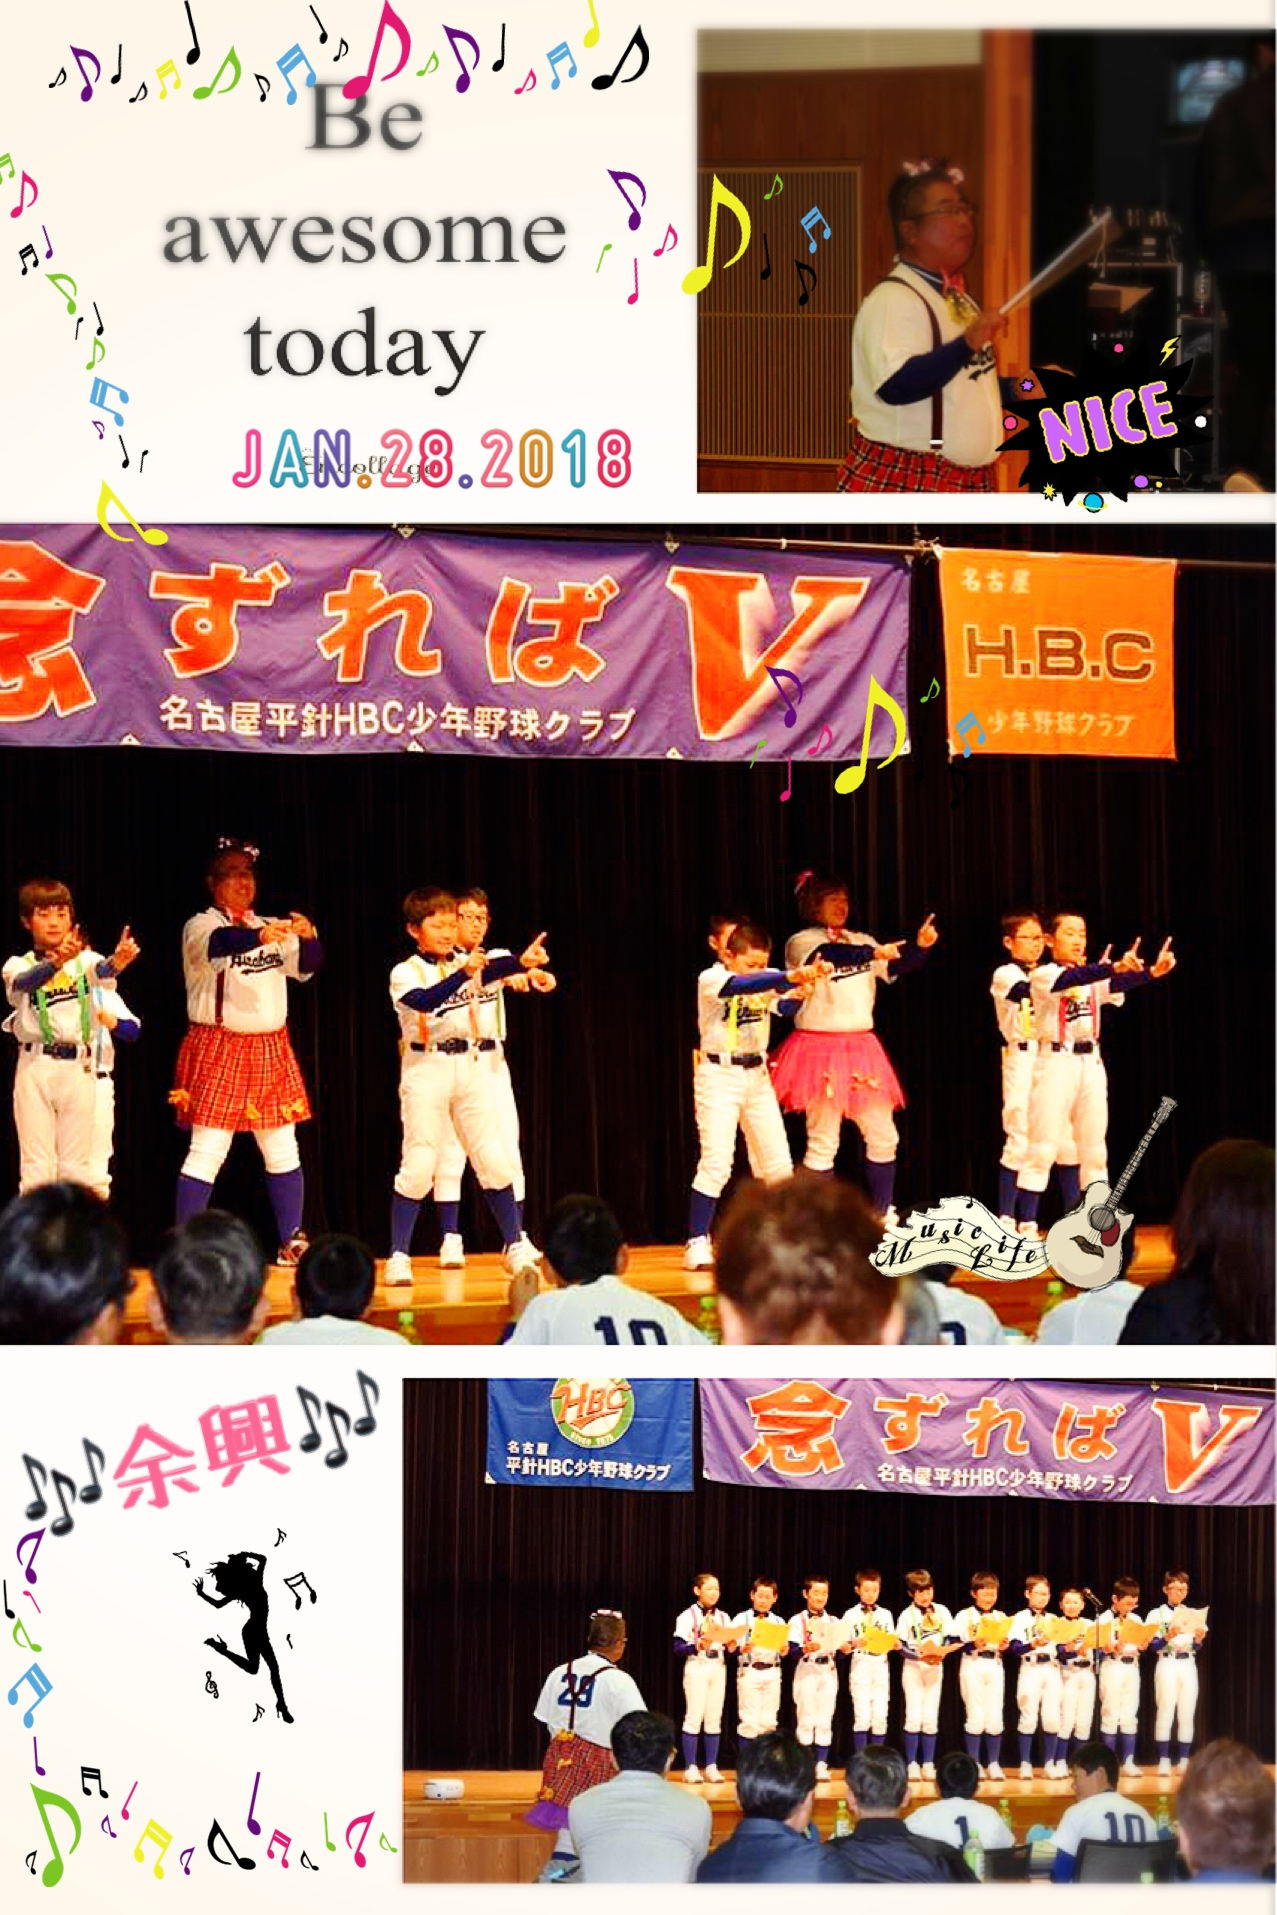 ⚾第41期生・卒団式⚾(H30.1.28.日-東郷町・いこまい館) Bチームからの余興(*^。^*)恋ダンス♡監督・コーチも恋ダンス